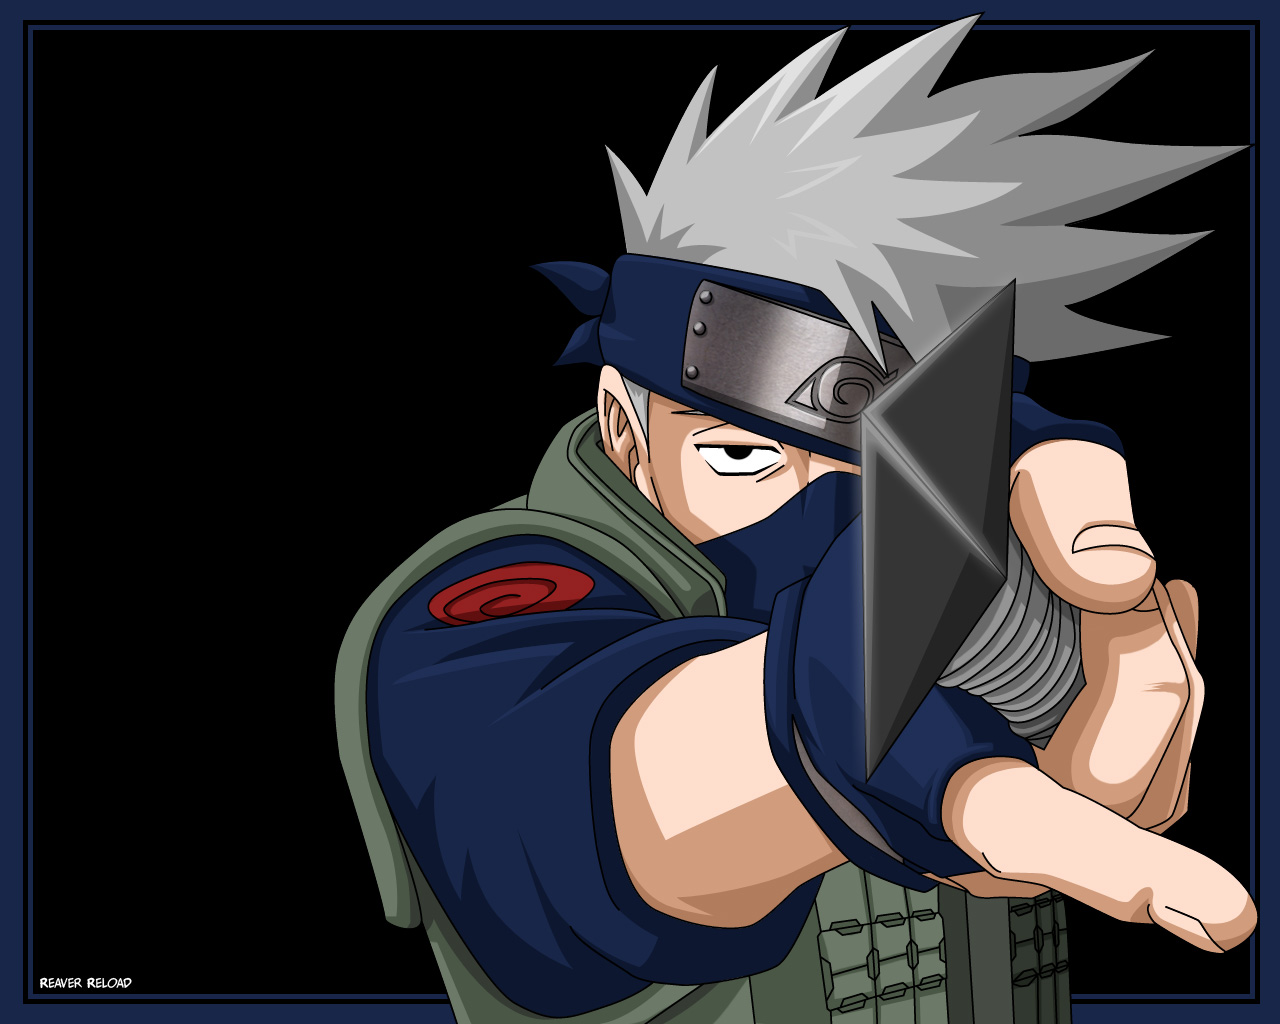 Great Kakashi Shuriken Naruto Shippuden Wallpapers | Naruto Shippuden ...